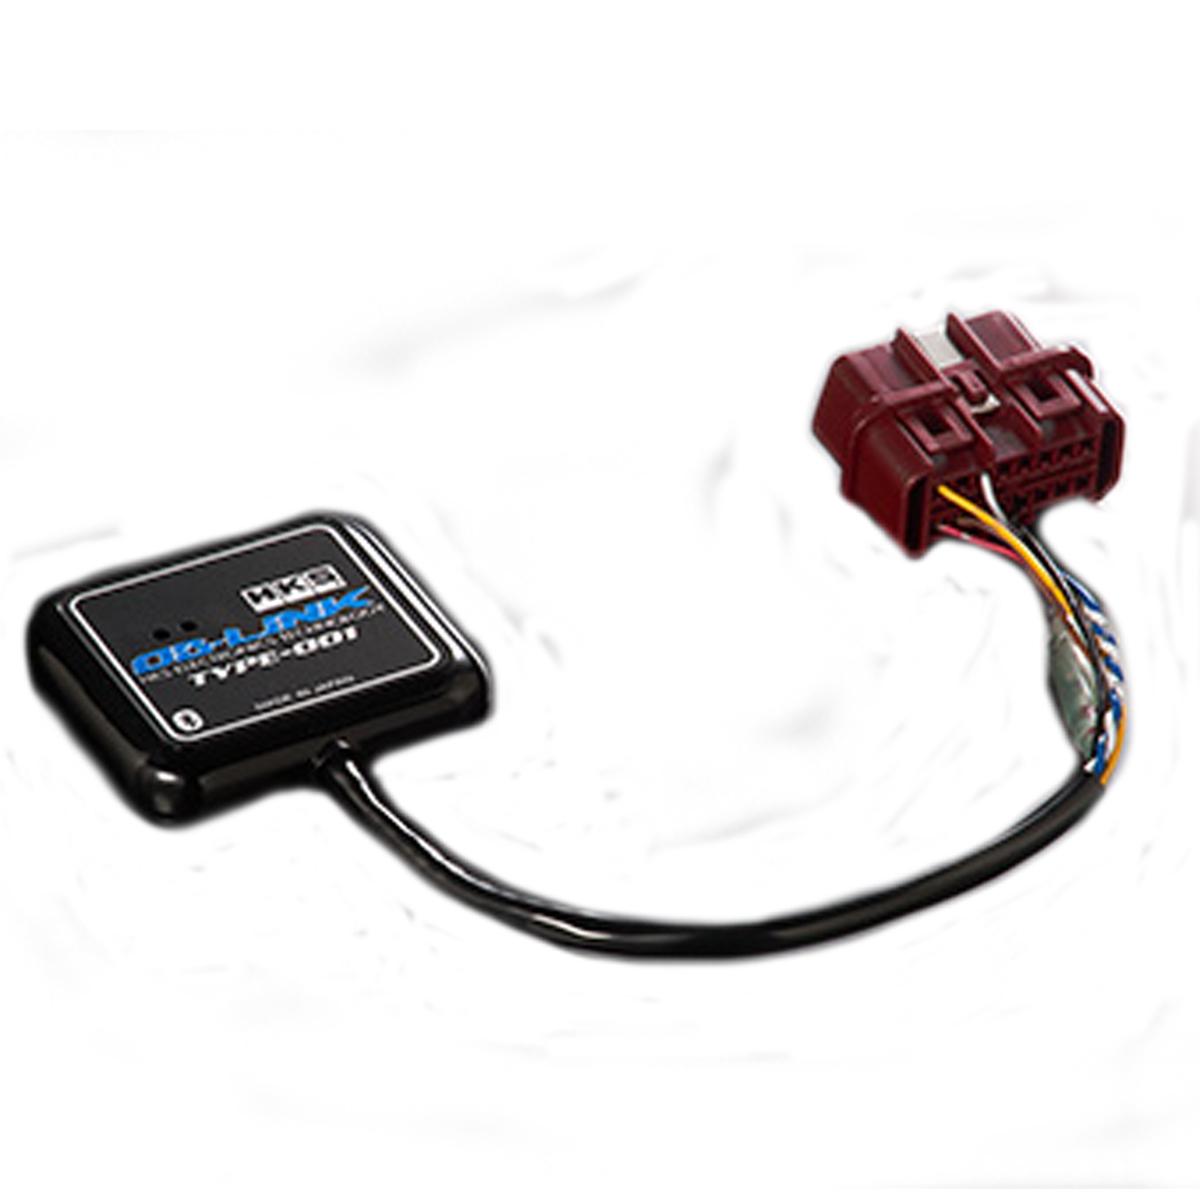 プリメーラ モニター OBリンク タイプ 001 RP12 HKS 44009-AK002 エレクトリニクス 個人宅発送追金有